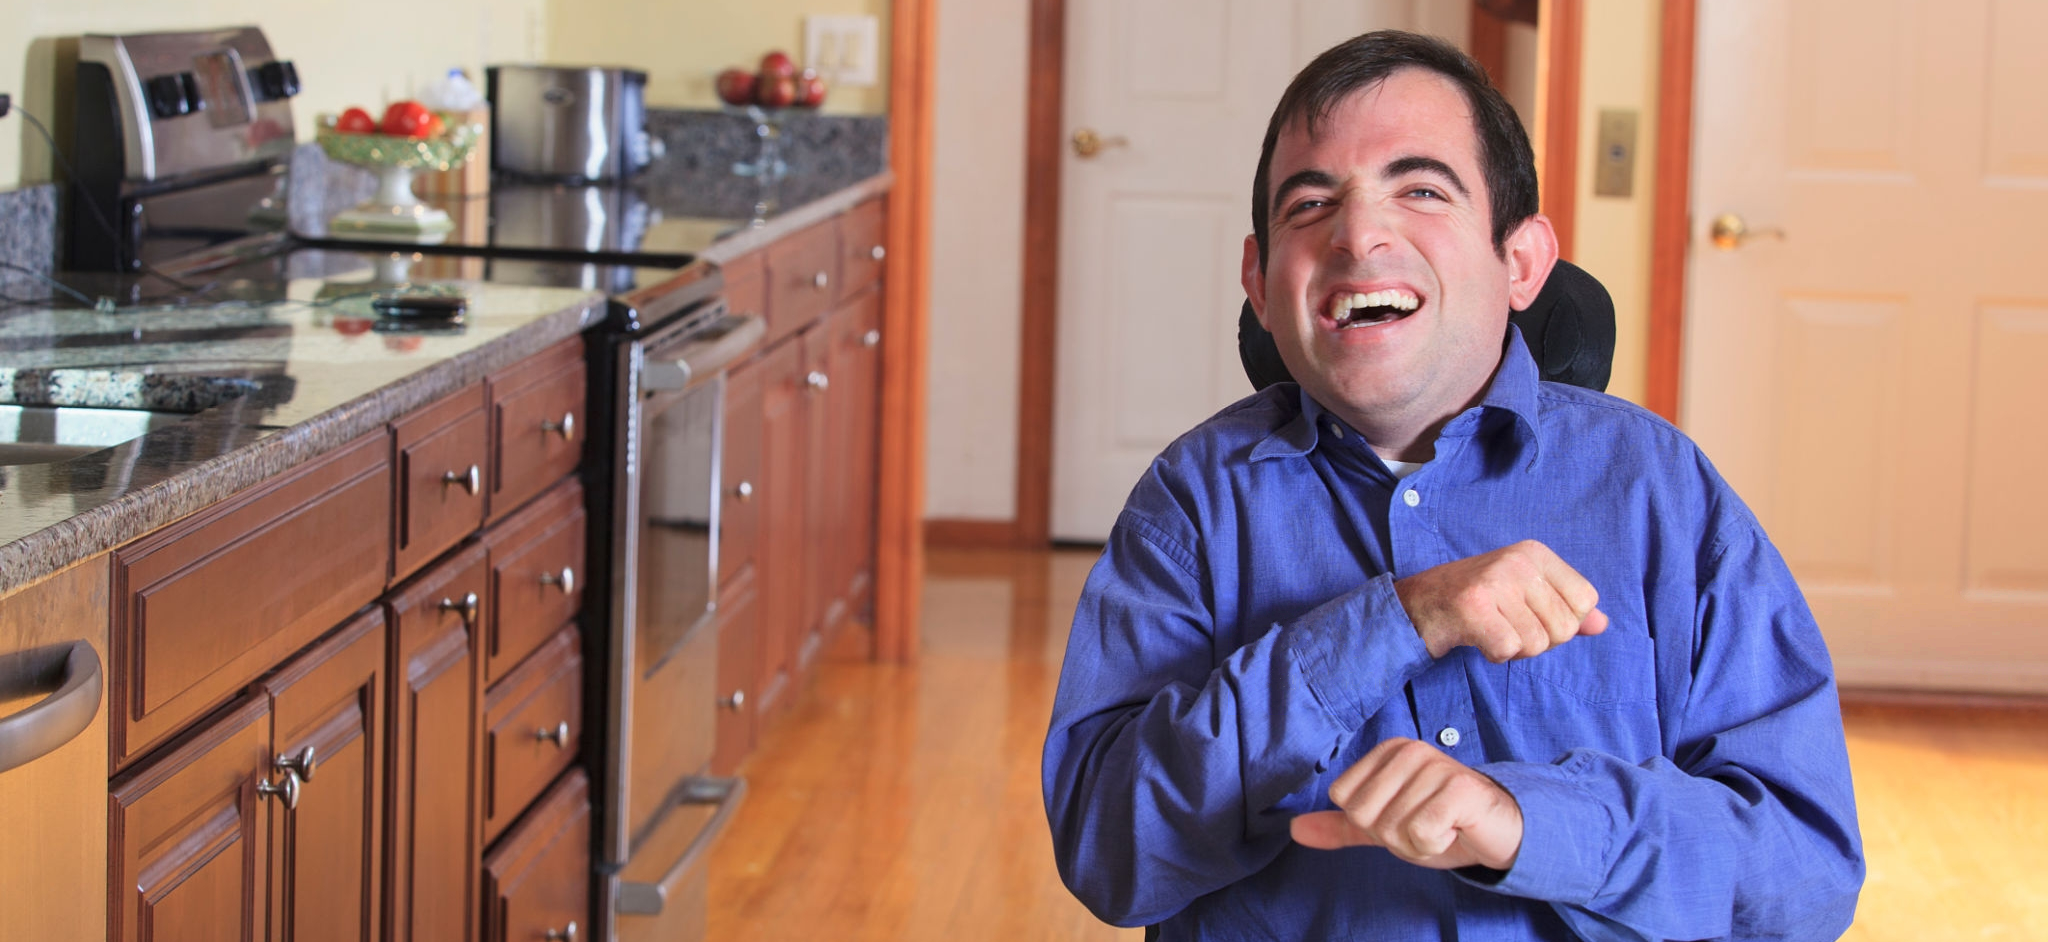 Smiling man in wheelchair in kitchen